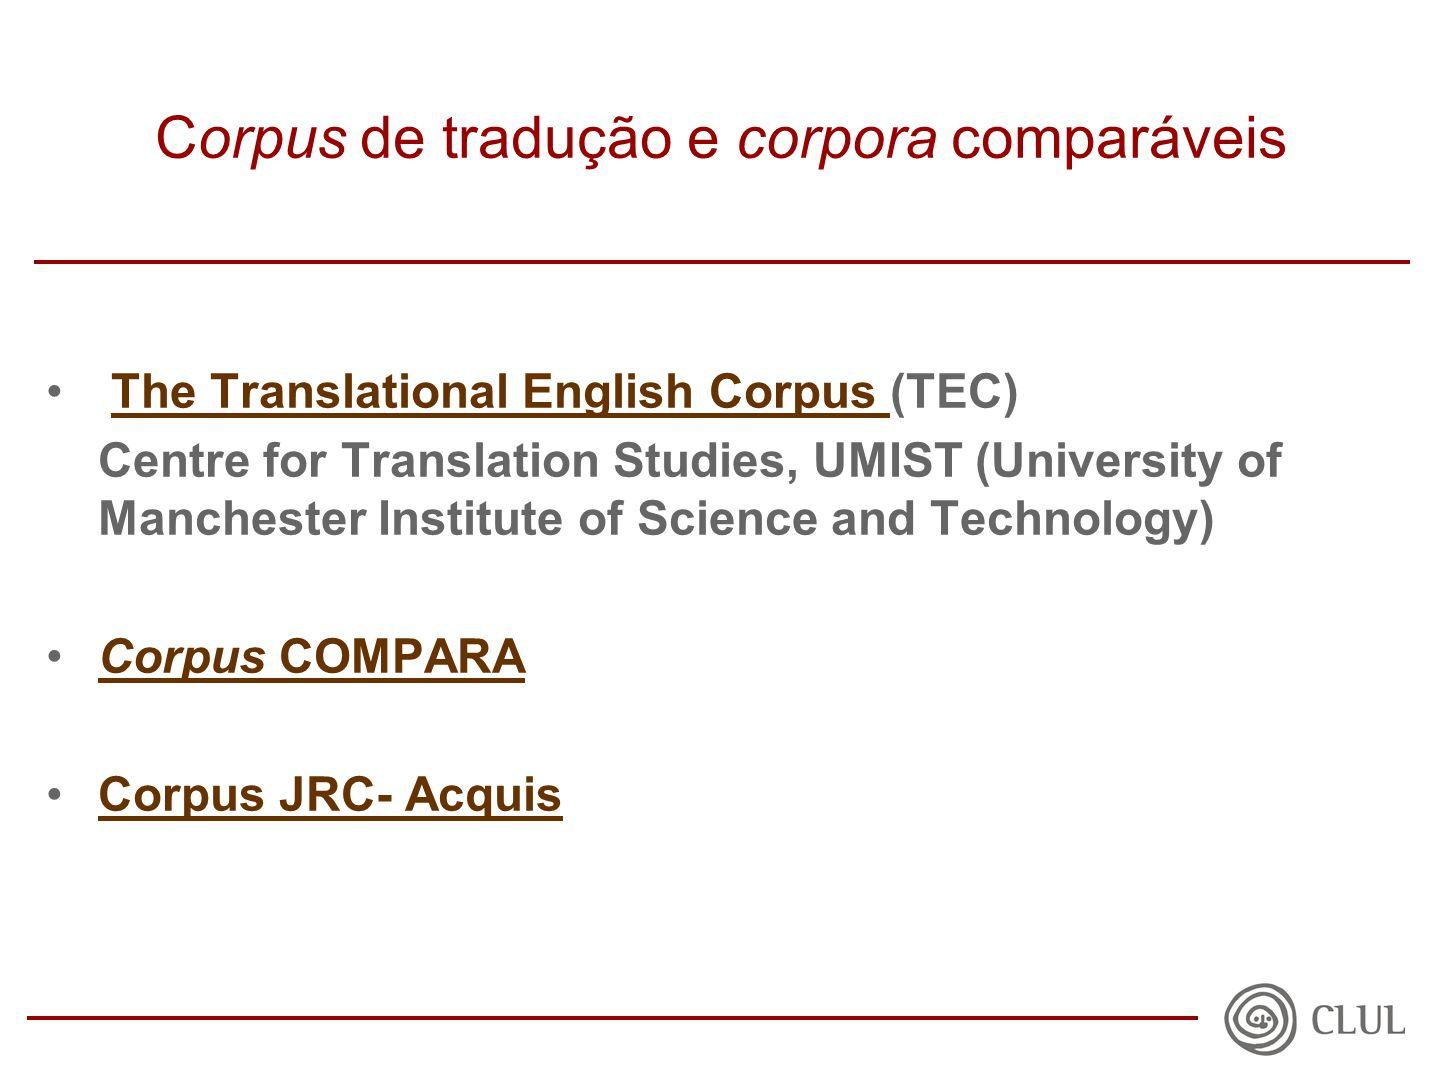 Corpus de tradução e corpora comparáveis The Translational English Corpus (TEC)The Translational English Corpus Centre for Translation Studies, UMIST